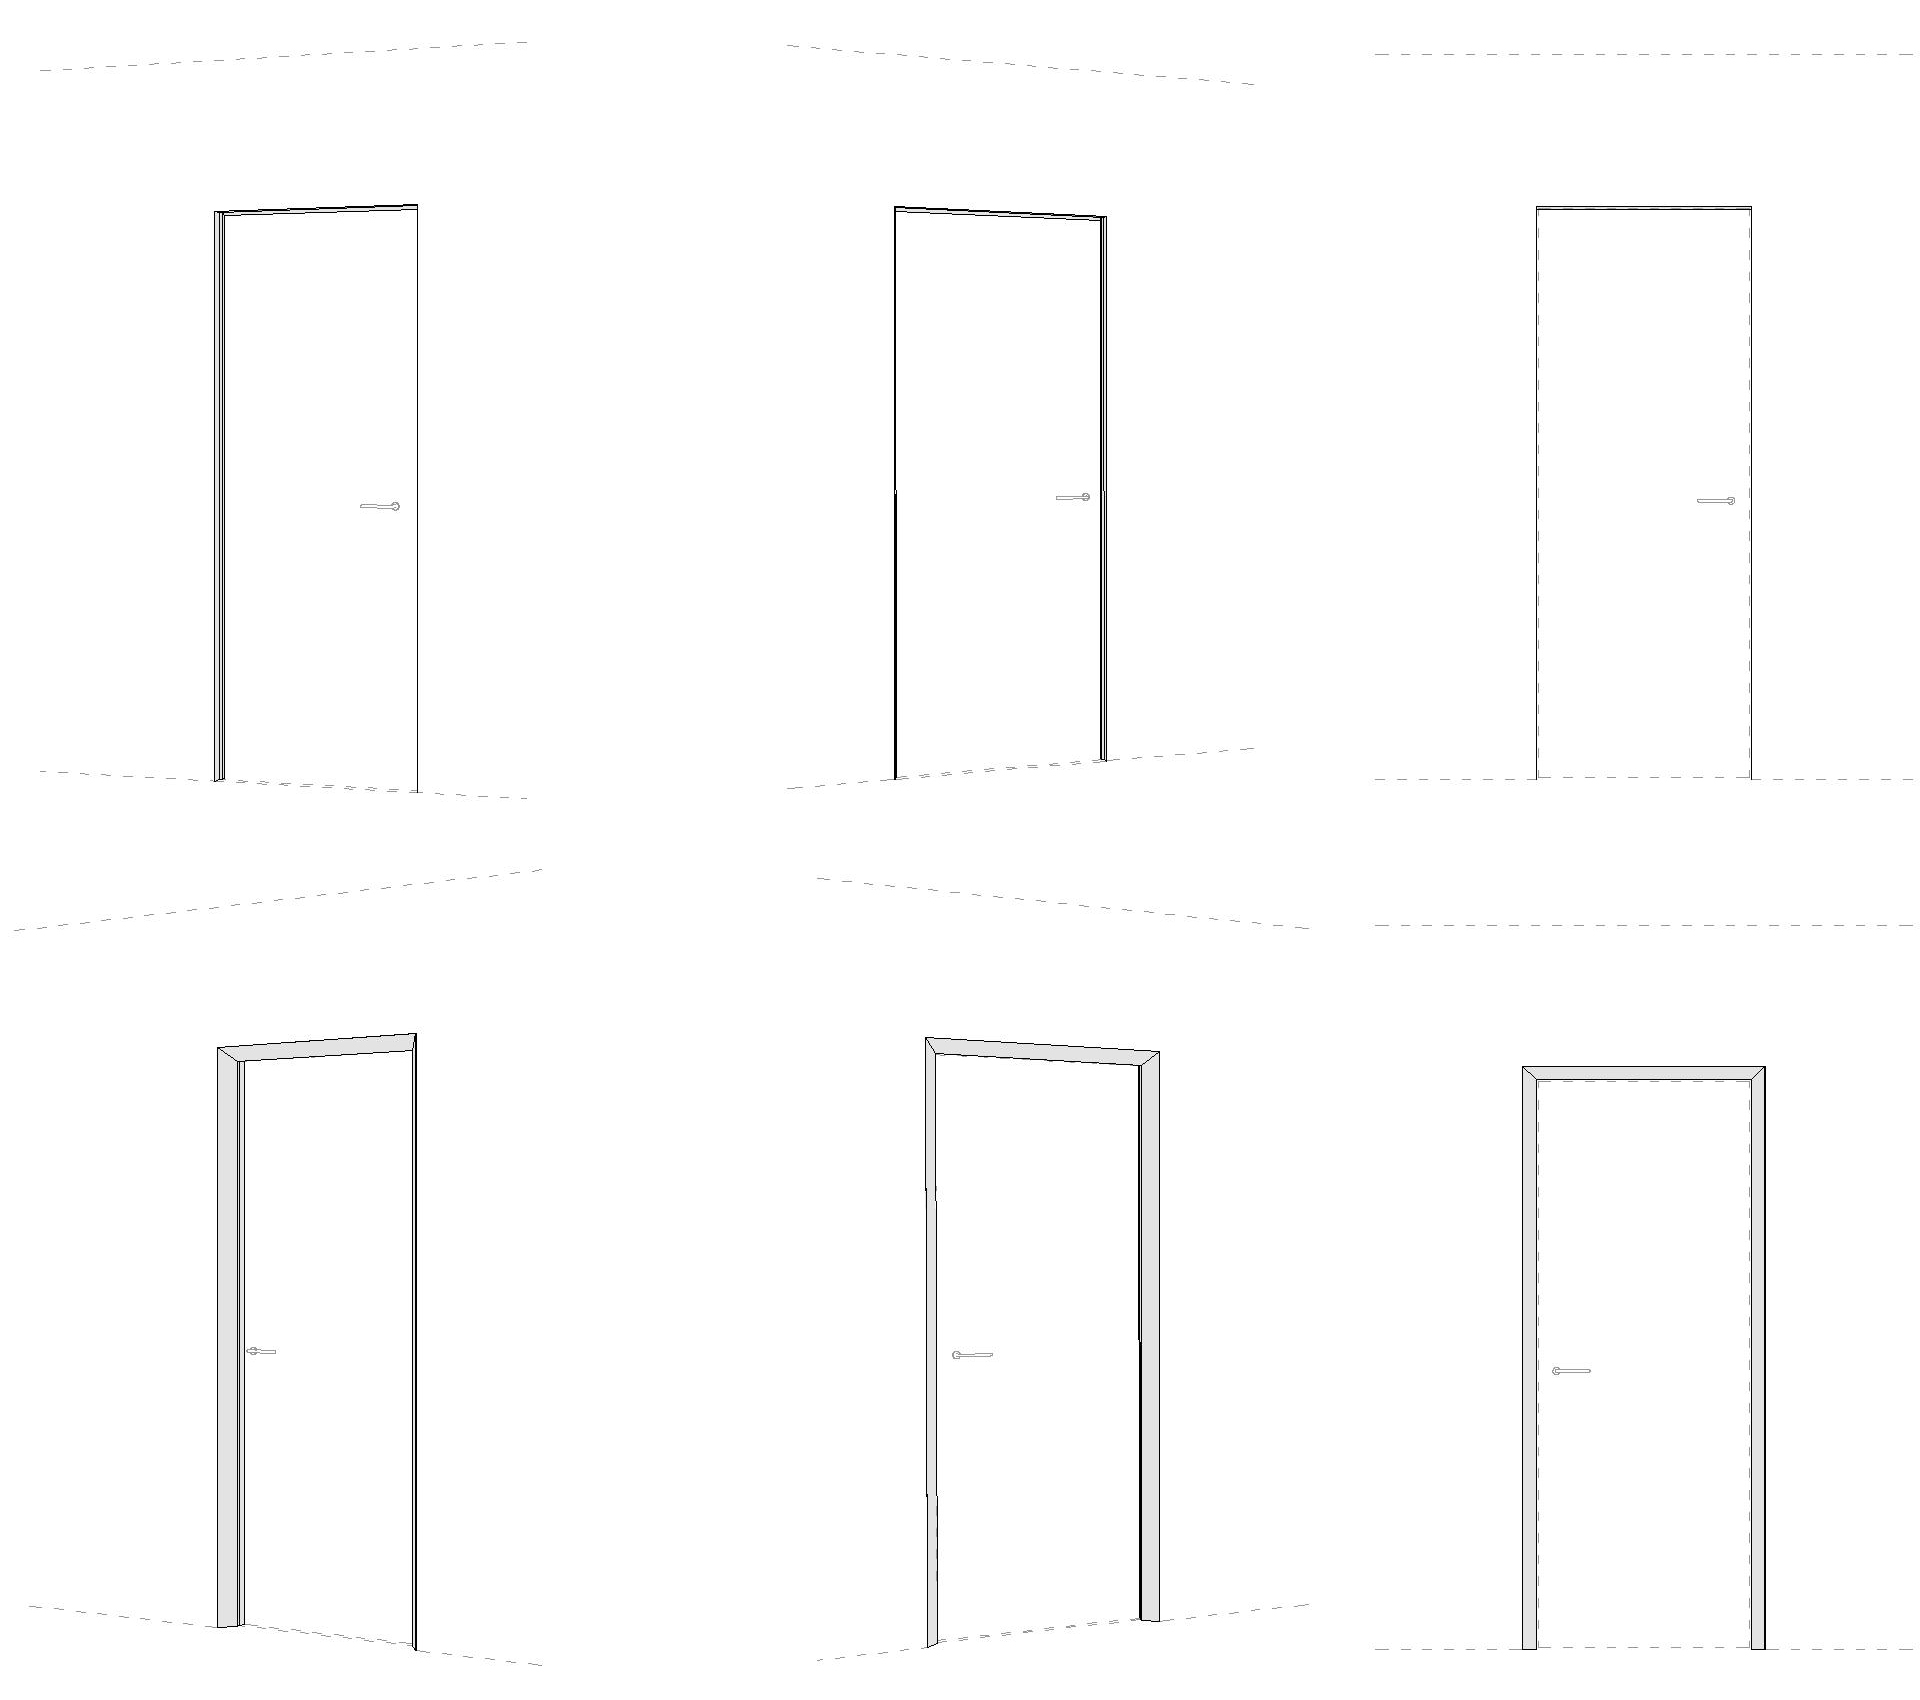 eclisse40 Collection - disegni tecnici brevettati, prospetto e assonometrie prospettiche